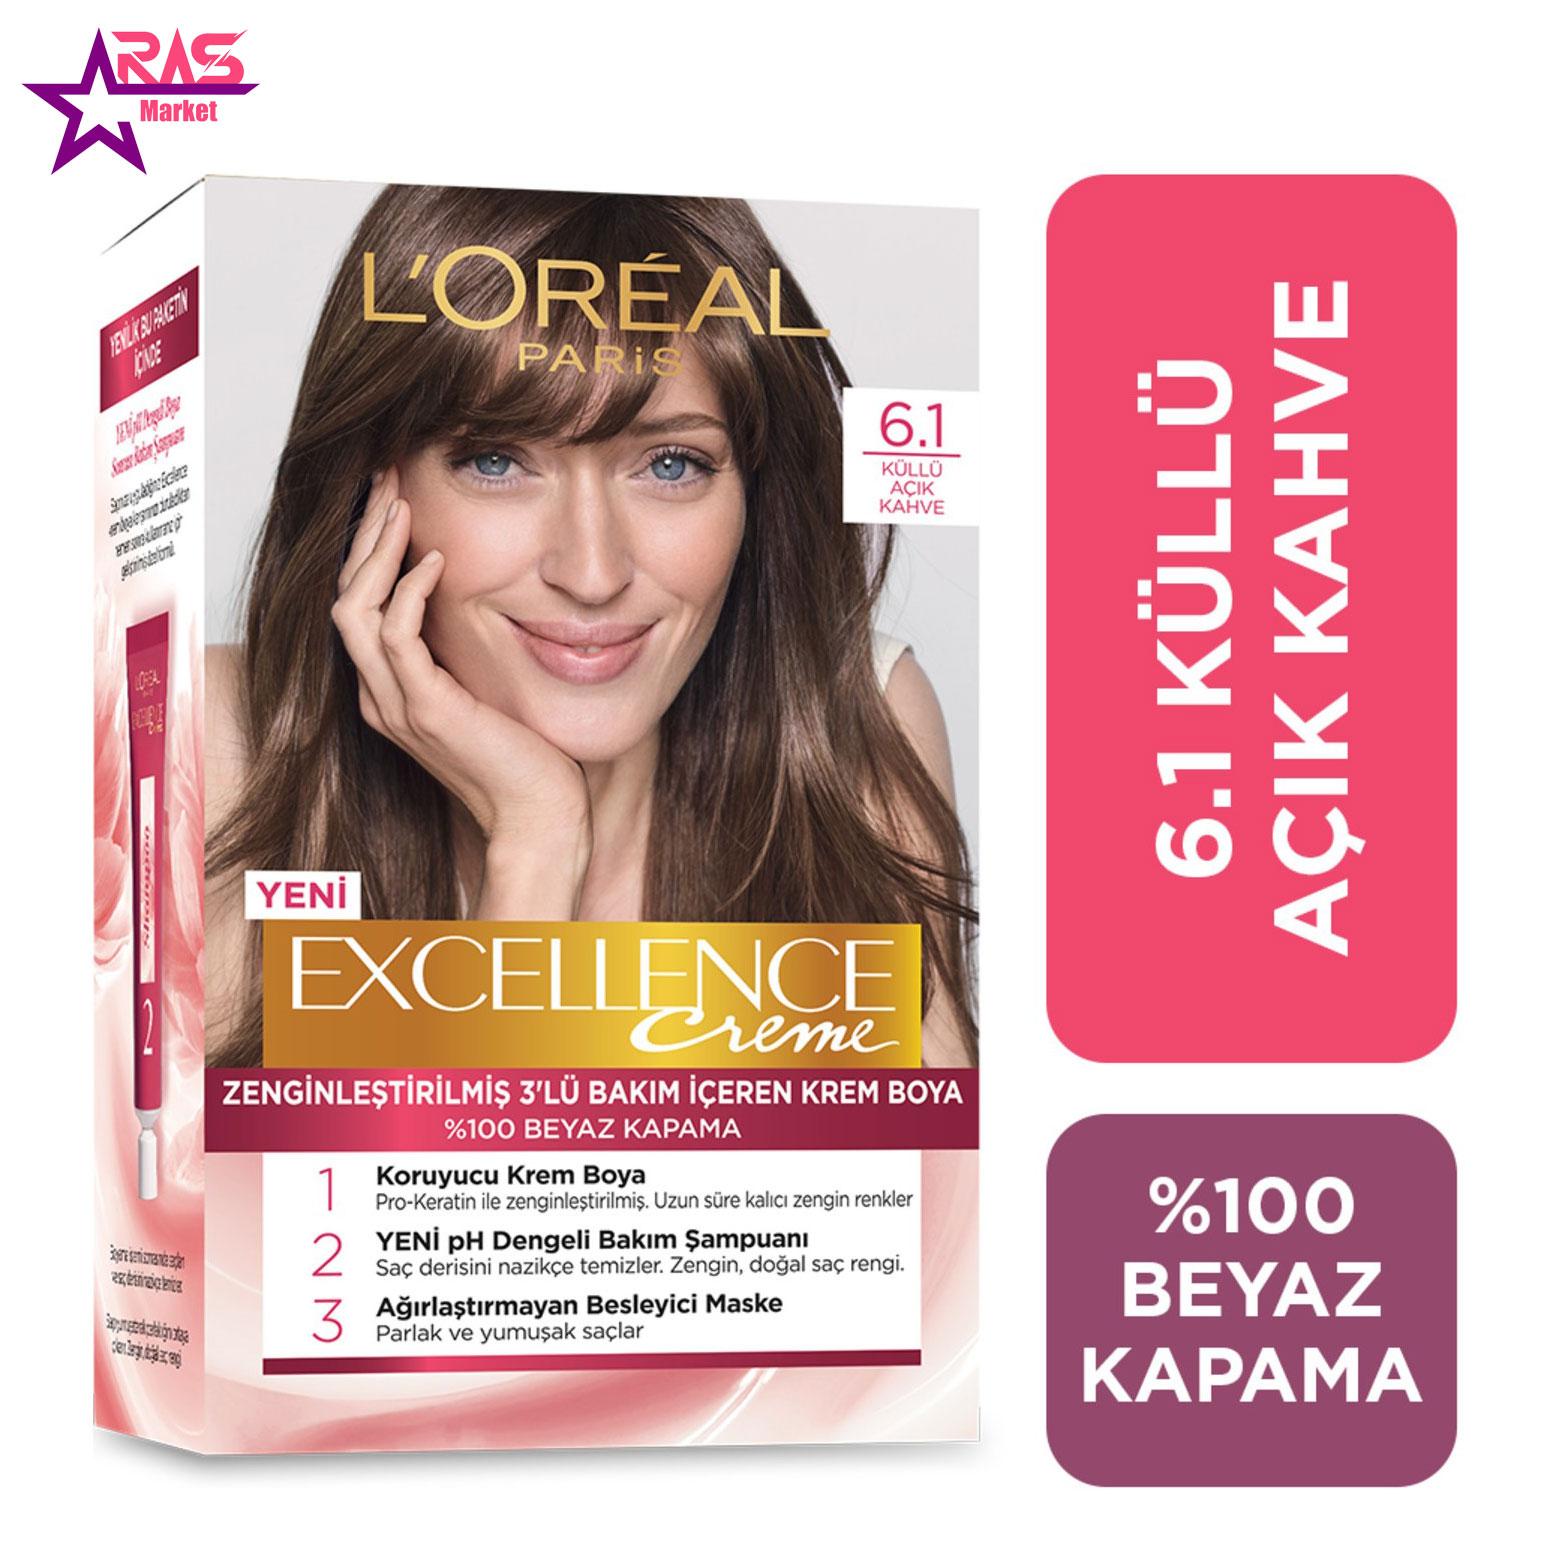 کیت رنگ مو لورآل سری Excellence شماره 6.1 ، فروشگاه اینترنتی ارس مارکت ، بهداشت بانوان